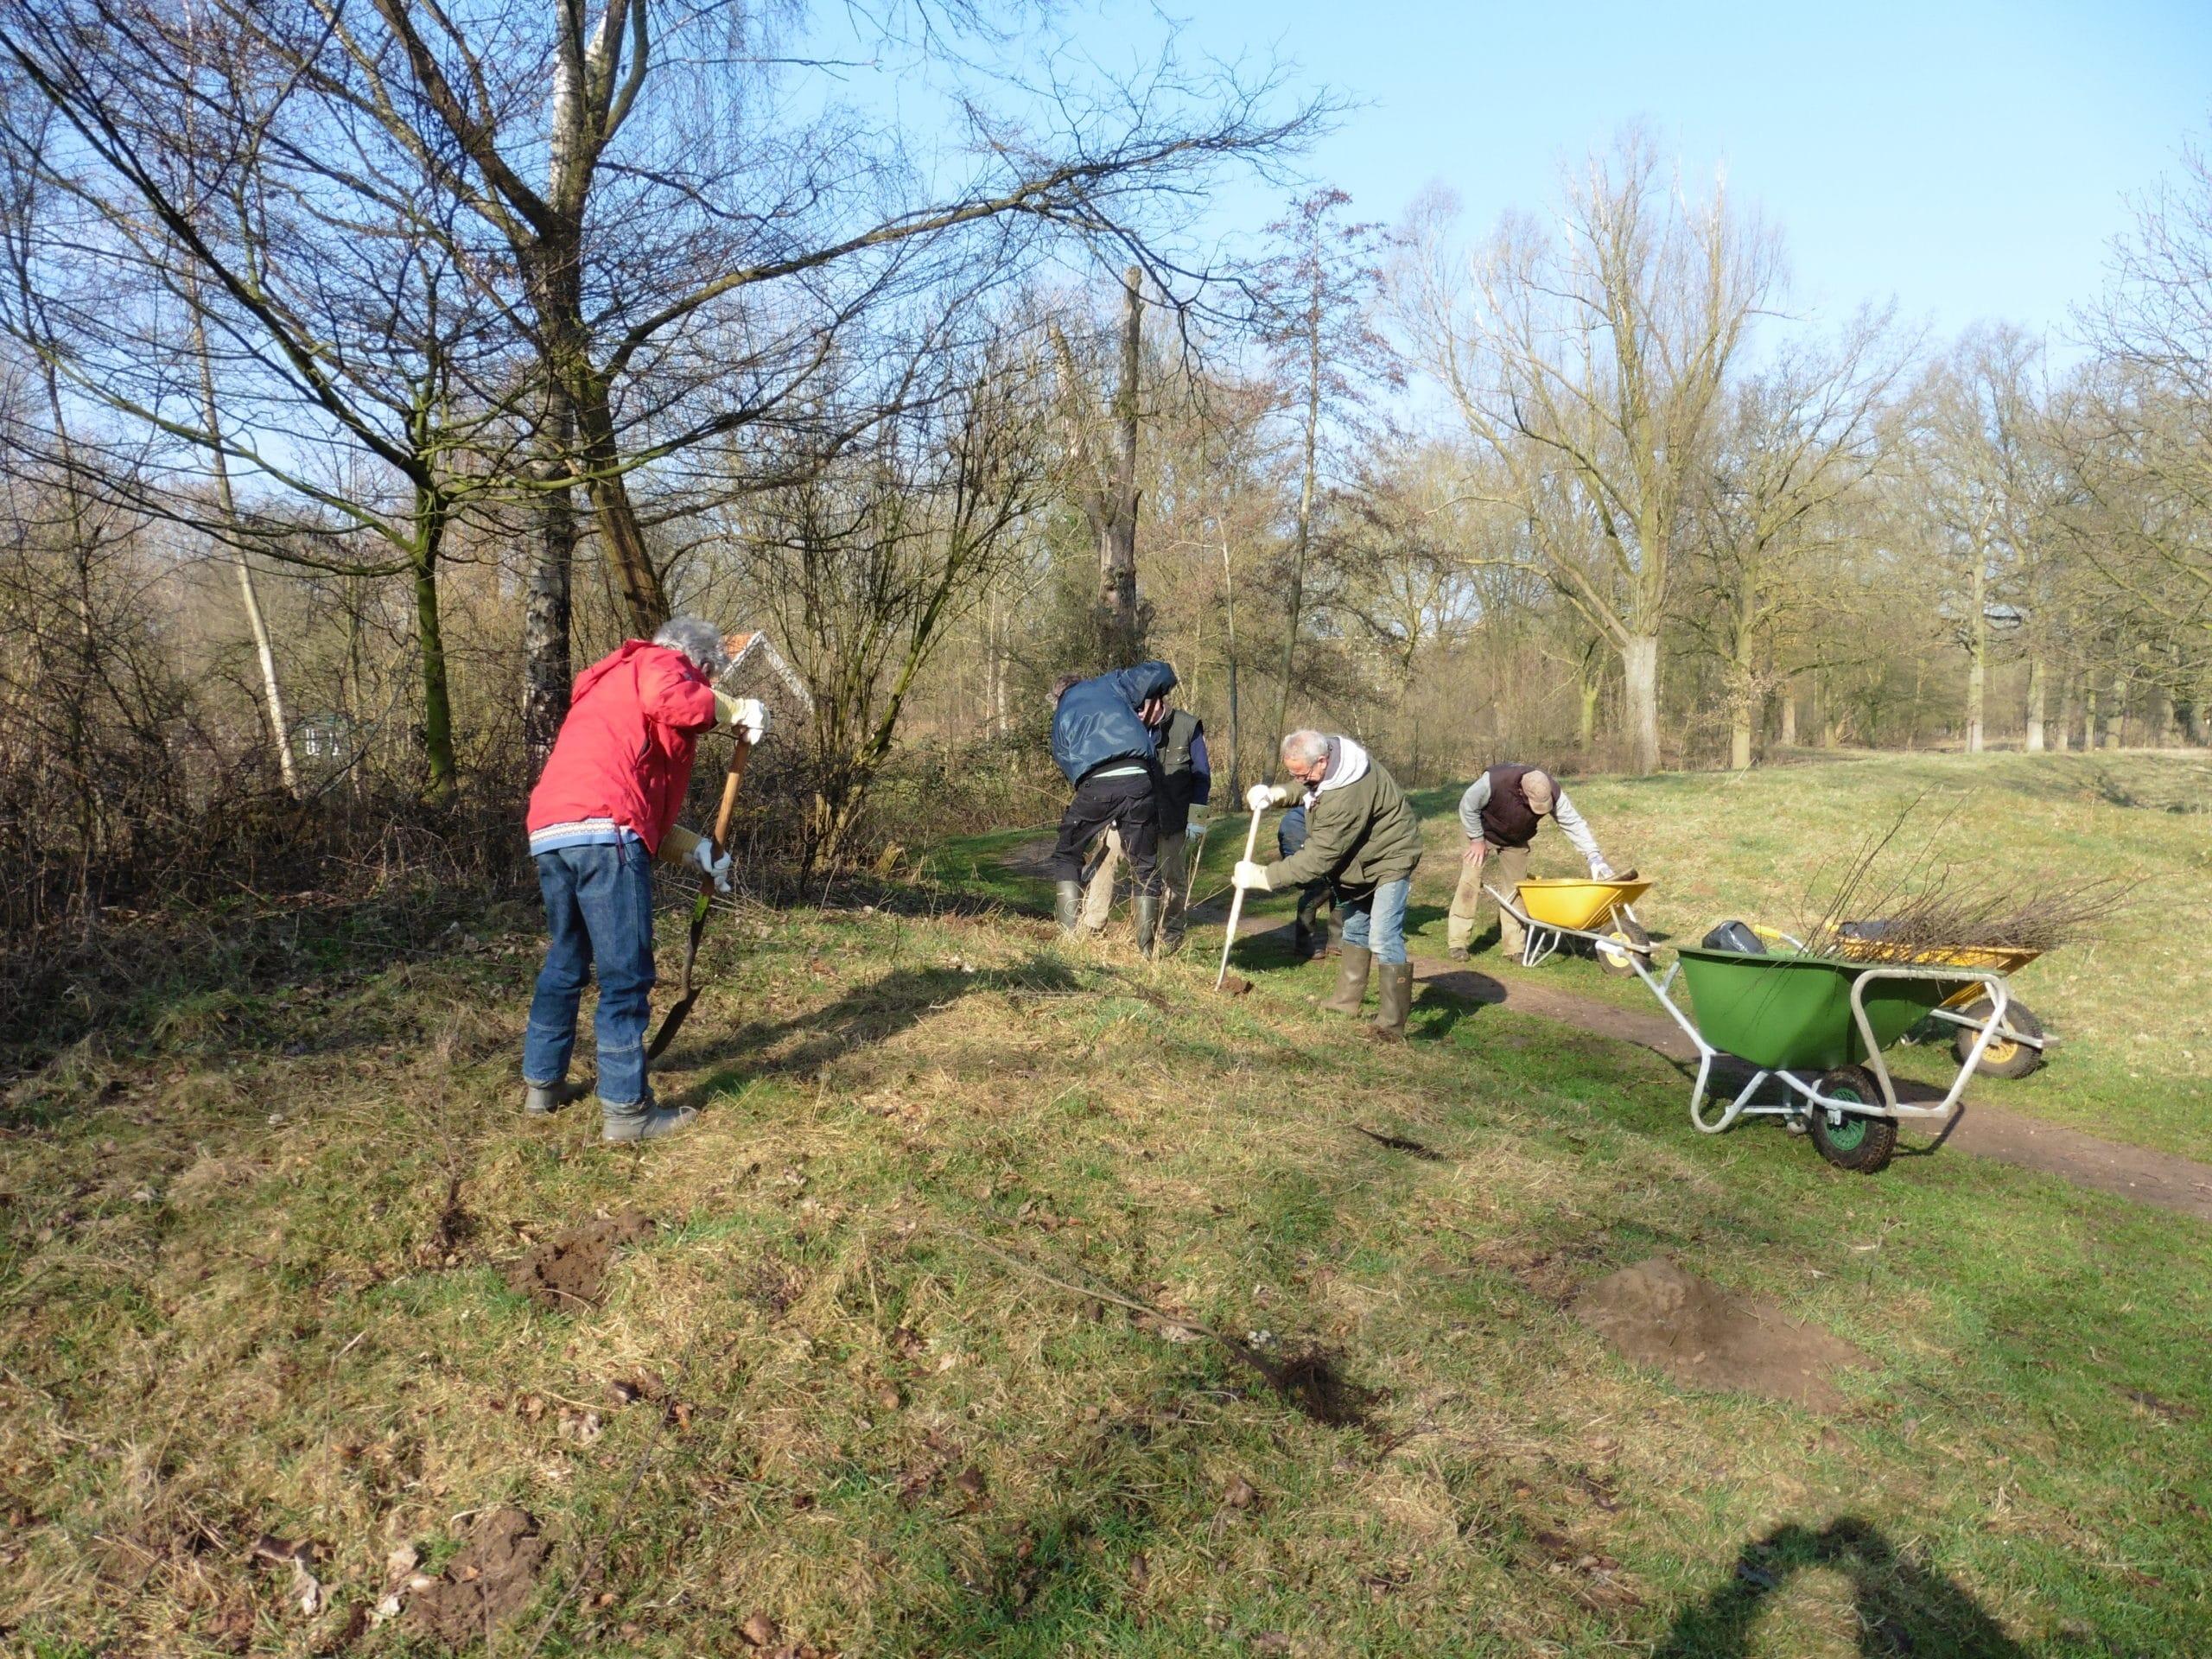 Buur maakt Natuur - De Groene Knoop - Planten struiken